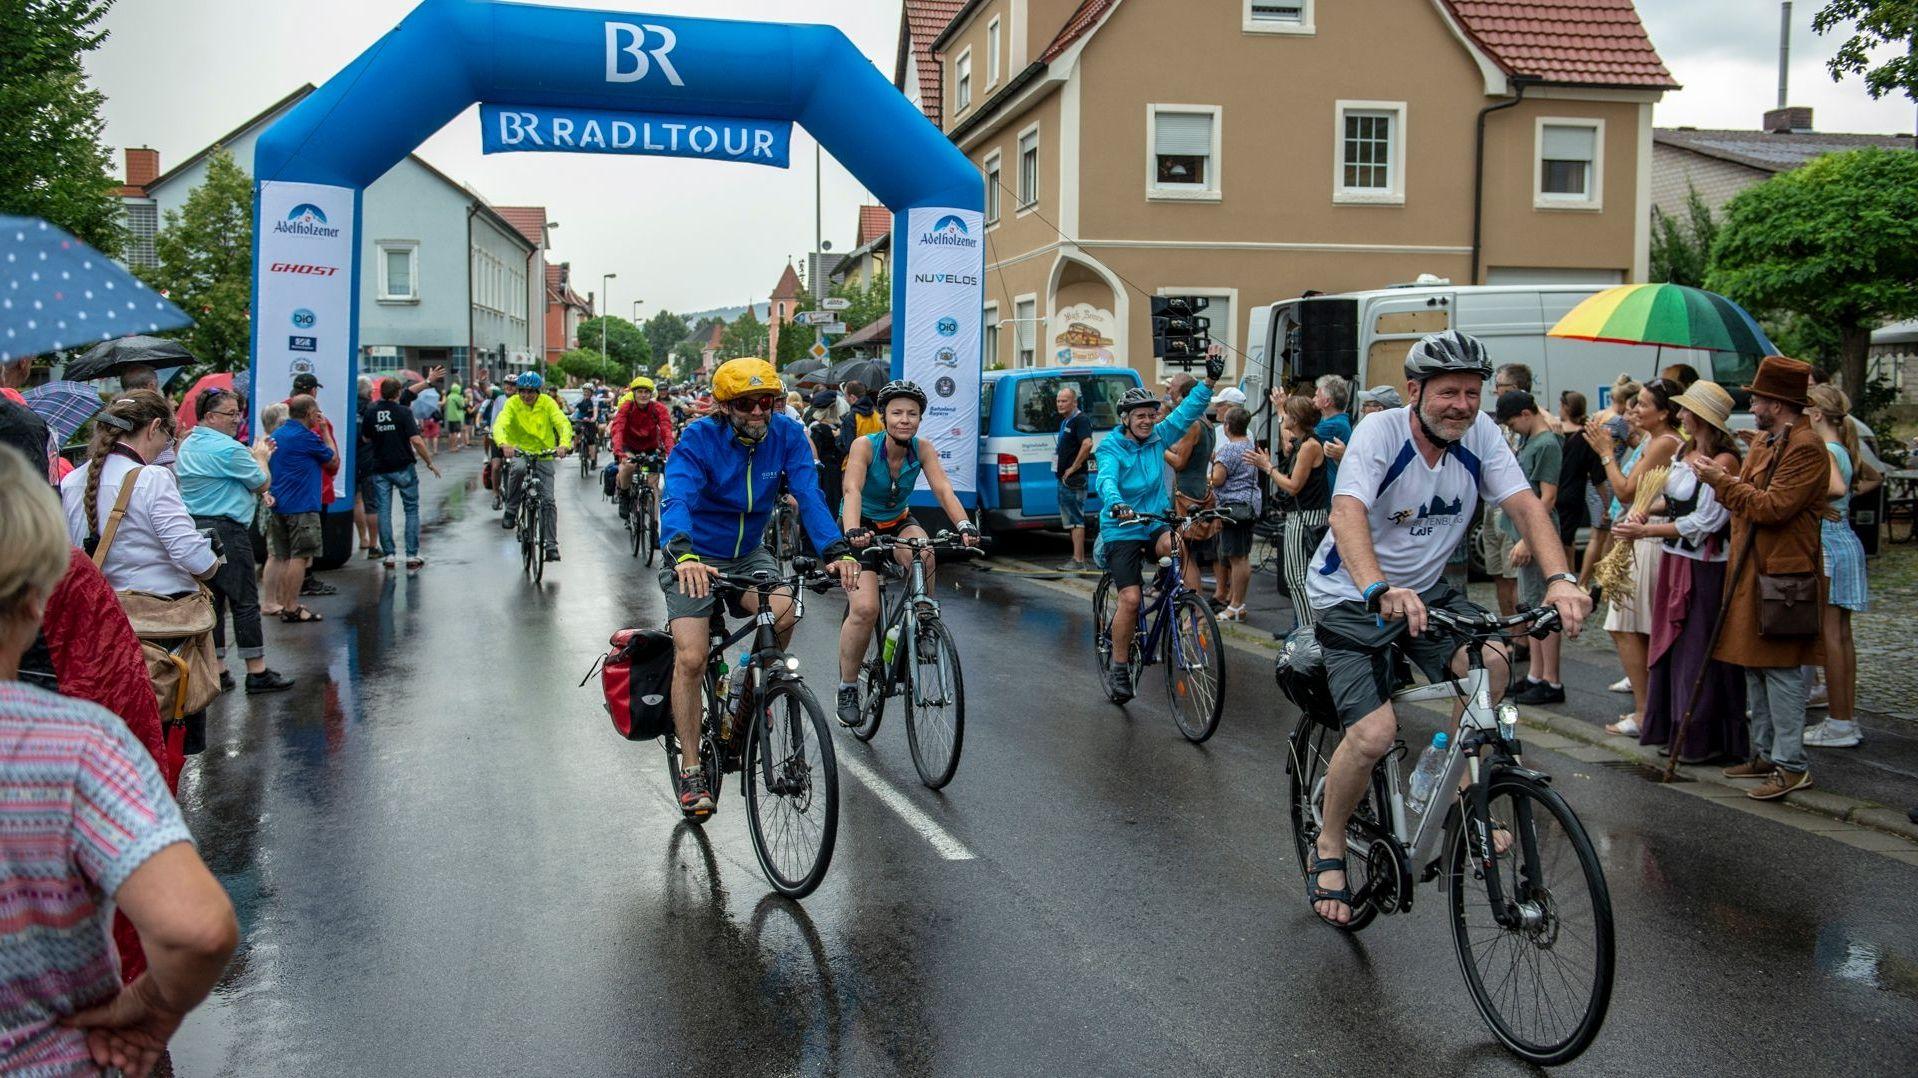 Teilnehmer der BR-Radltour kommen in Bad Staffelstein an